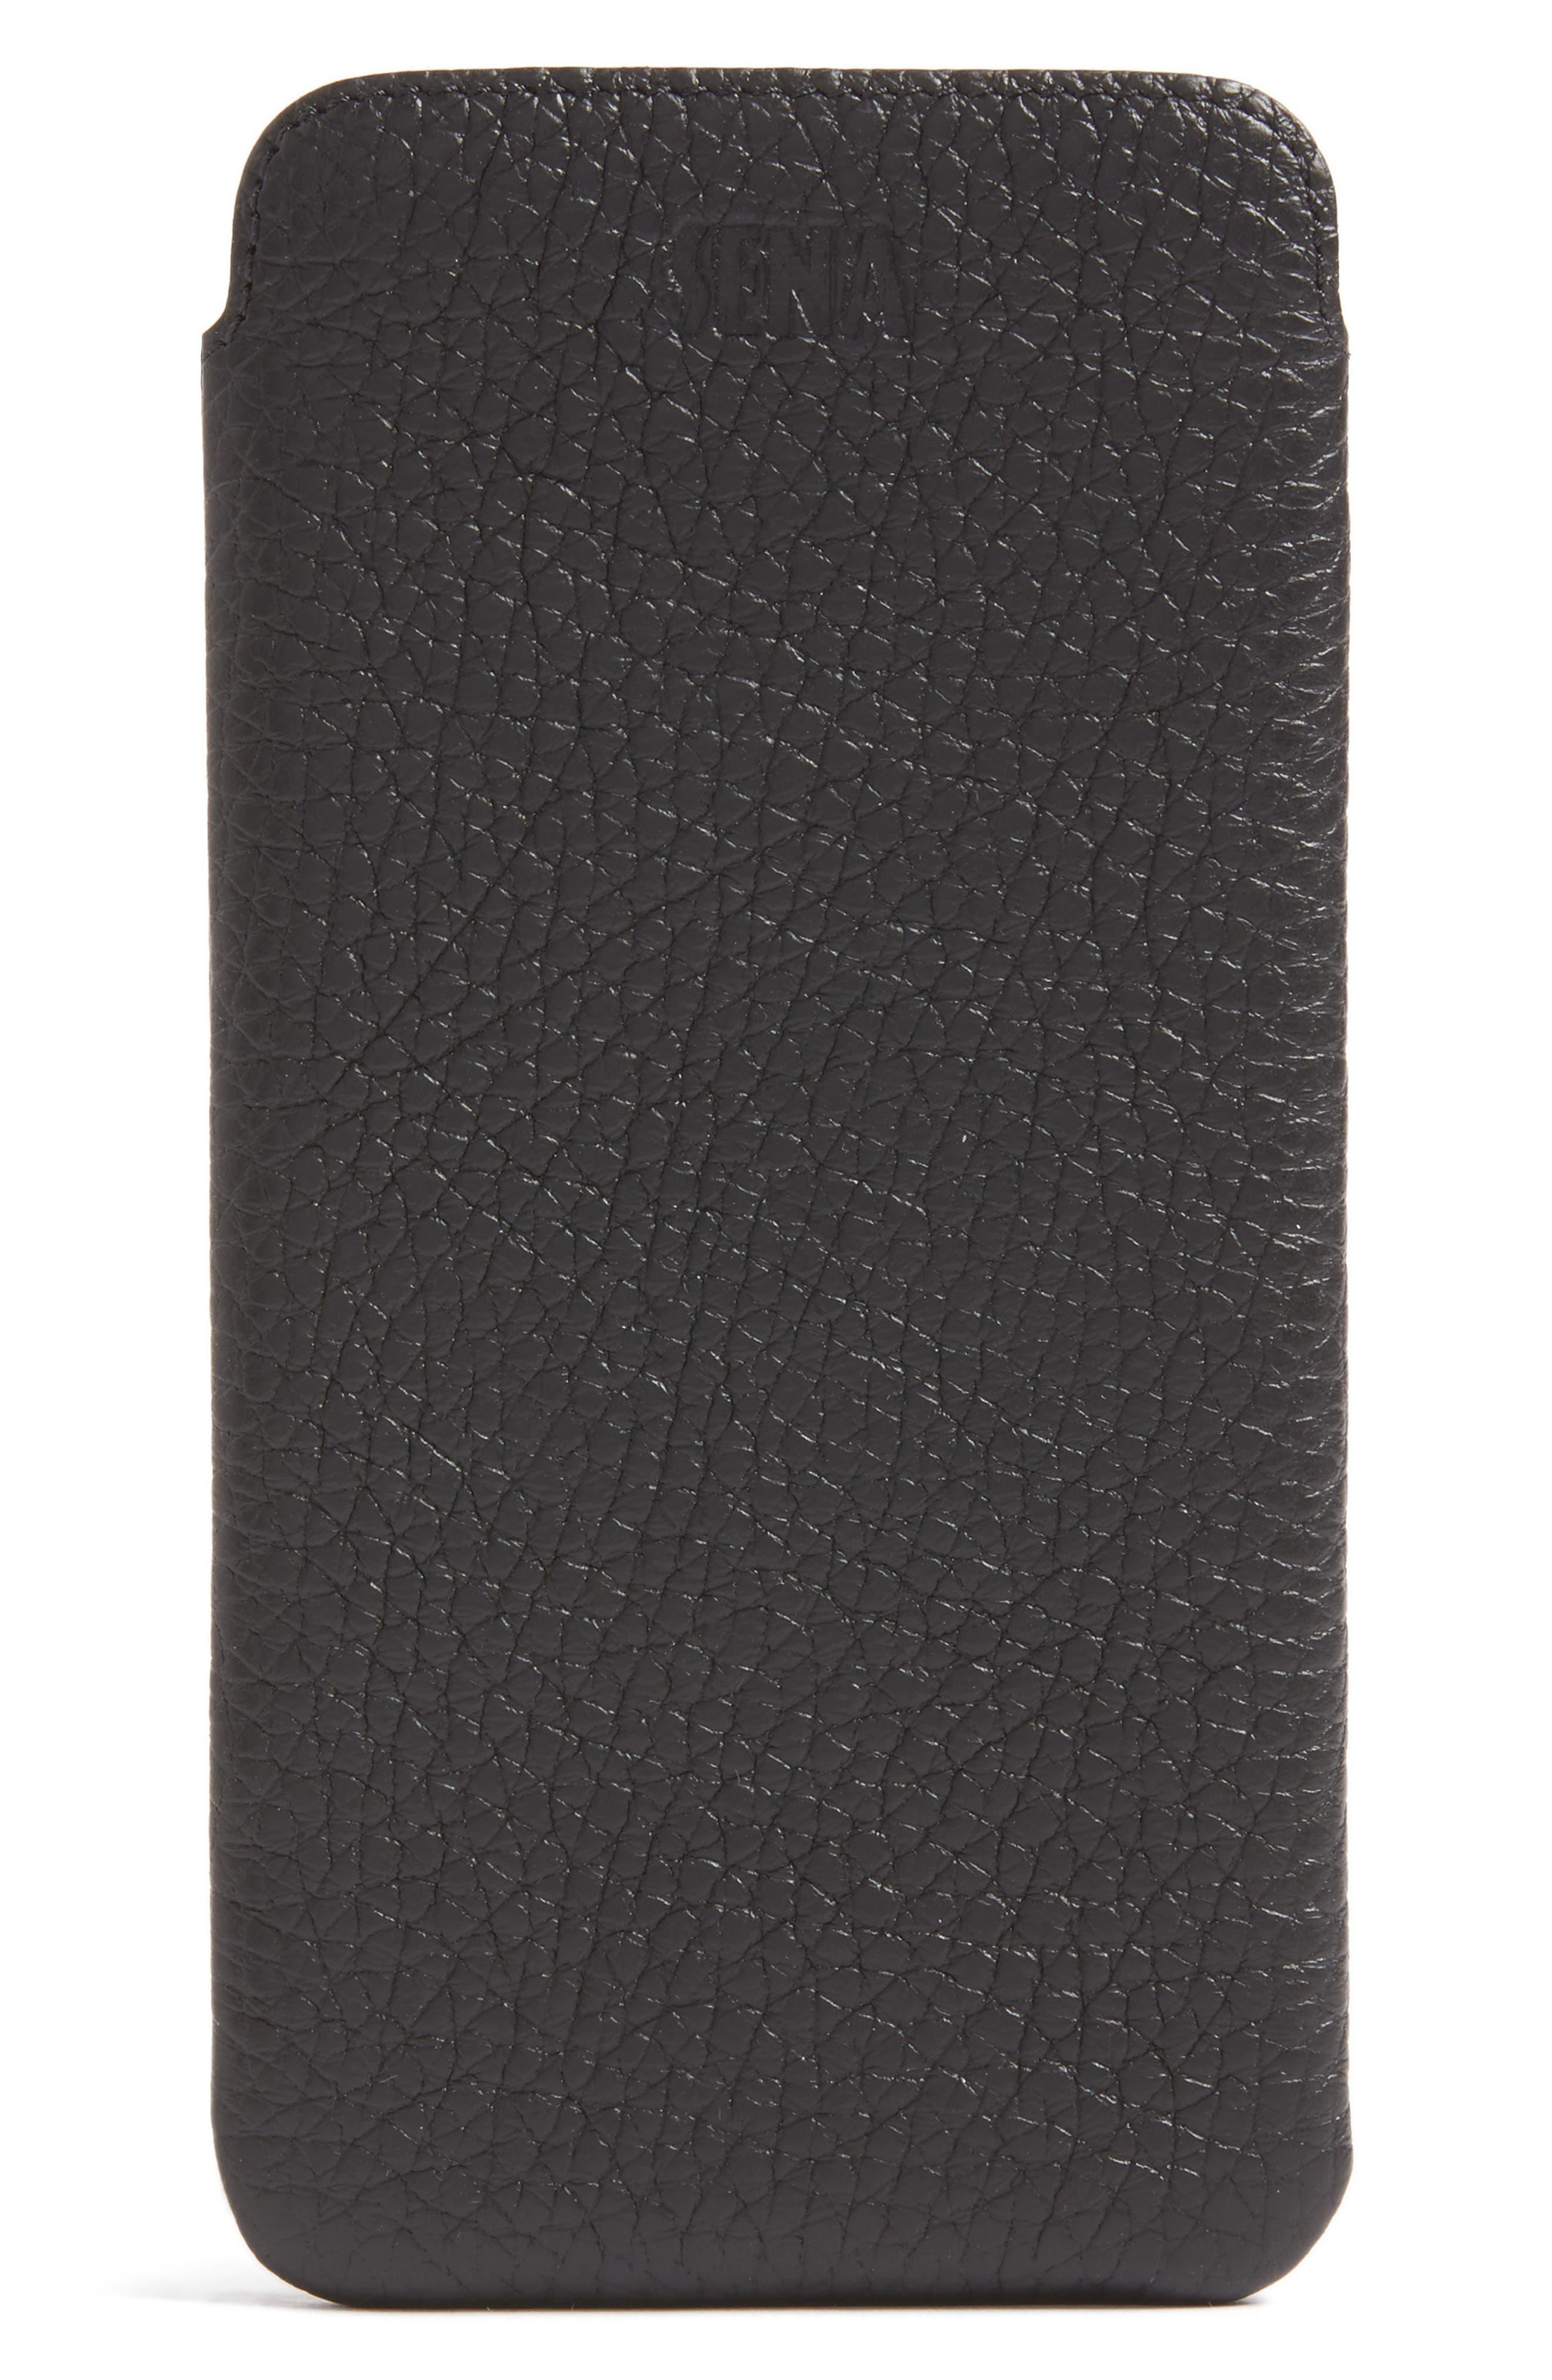 Main Image - Sena Ultra Slim Classic iPhone 6/7/8 Plus Case